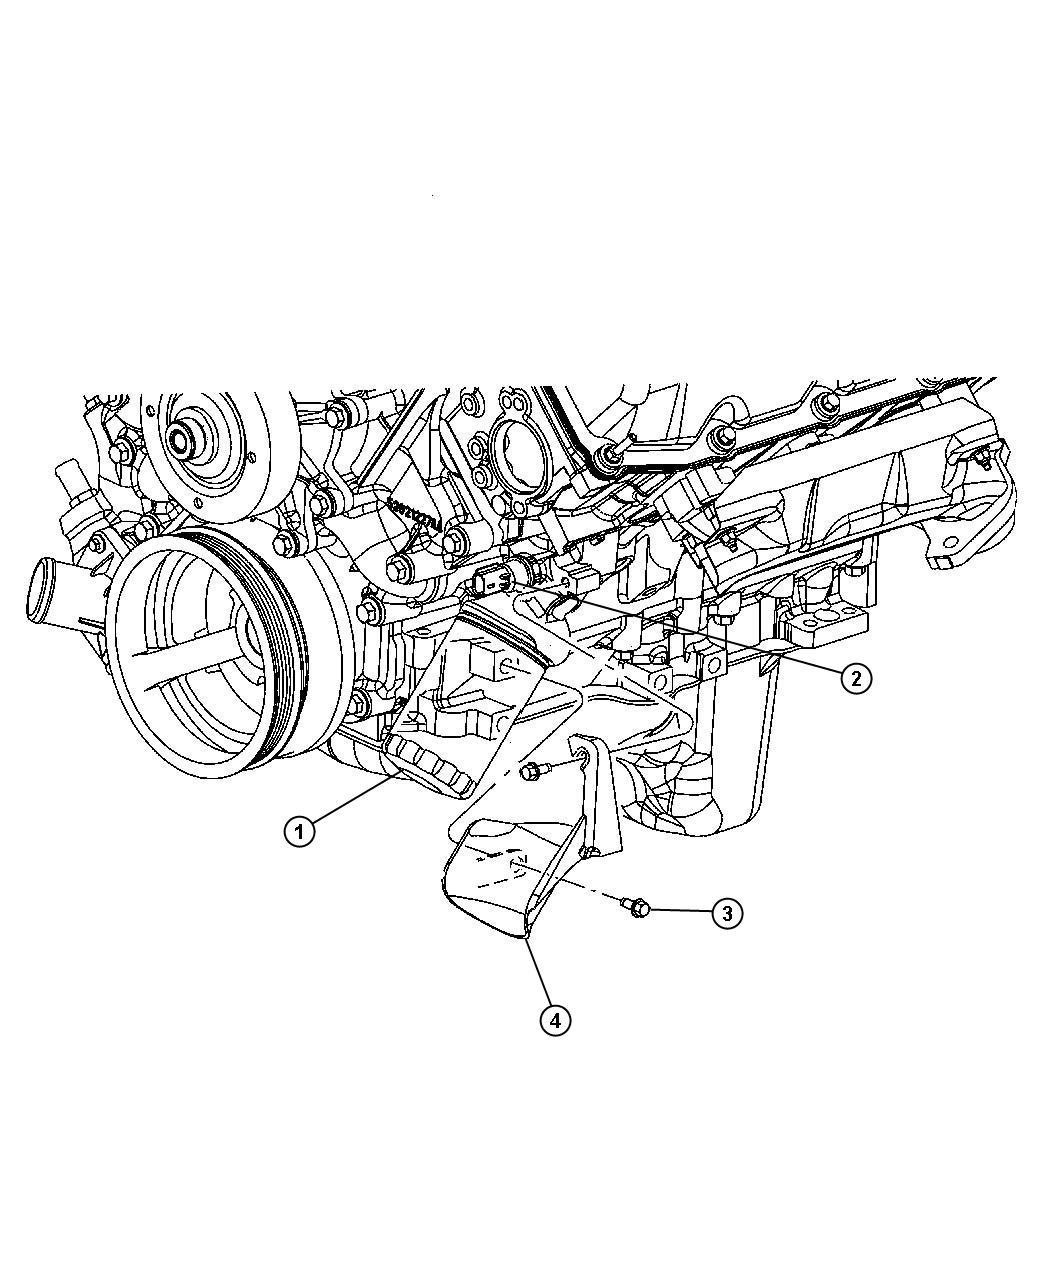 Chrysler 300 Sending Unit Oil Pressure Temperture